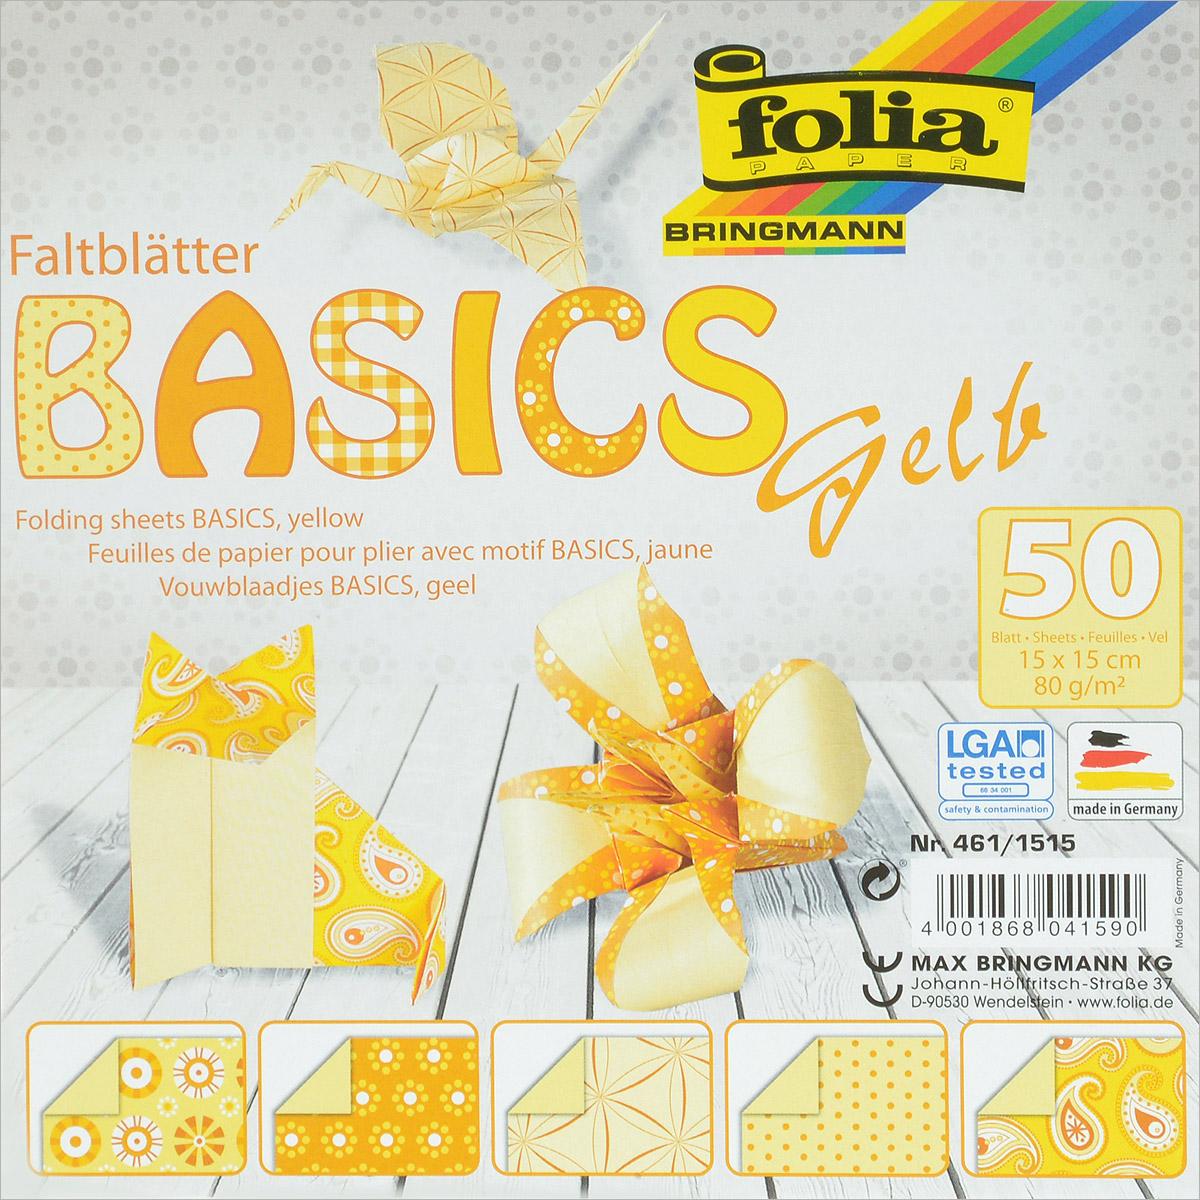 Бумага для оригами Folia, цвет: желтый, 15 х 15 см, 50 листов7708015Набор специальной цветной двусторонней бумаги для оригами Folia содержит 50 листов разных цветов, которые помогут вам и вашему ребенку сделать яркие и разнообразные фигурки. В набор входит бумага пяти разных дизайнов. С одной стороны - бумага однотонная, с другой - оформлена оригинальными узорами и орнаментами. Эти листы можно использовать для оригами, украшения для садового подсвечника или для создания новогодних звезд. При многоразовом сгибании листа на бумаге не появляются трещины, так как она обладает очень высоким качеством. Бумага хорошо комбинируется с цветным картоном. За свою многовековую историю оригами прошло путь от храмовых обрядов до искусства, дарящего радость и красоту миллионам людей во всем мире. Складывание и художественное оформление фигурок оригами интересно заполнят свободное время, доставят огромное удовольствие, радость и взрослым и детям. Увлекательные занятия оригами развивают мелкую моторику рук, воображение,...